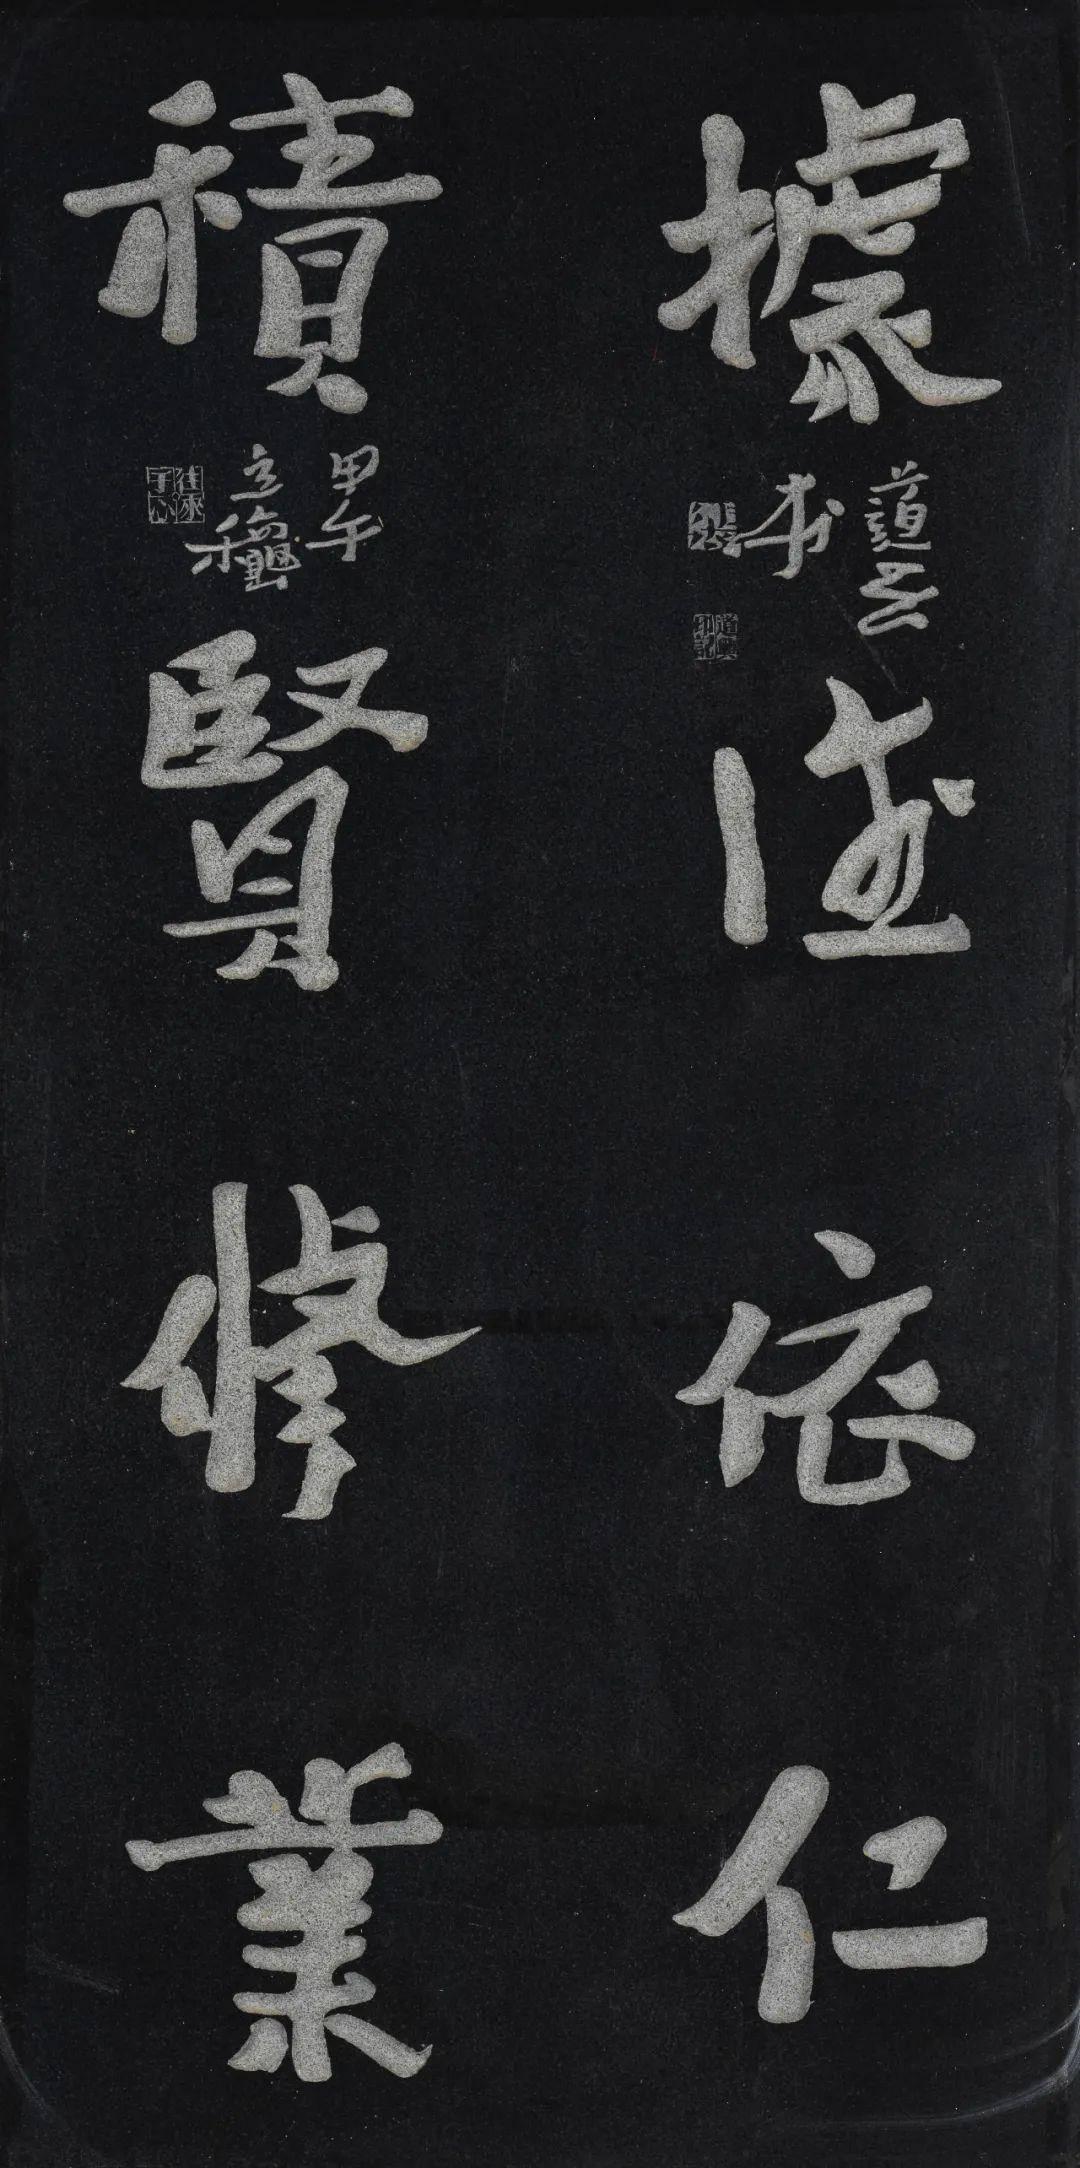 菏泽市李荣海美术馆碑廊石刻作品欣赏(之四)